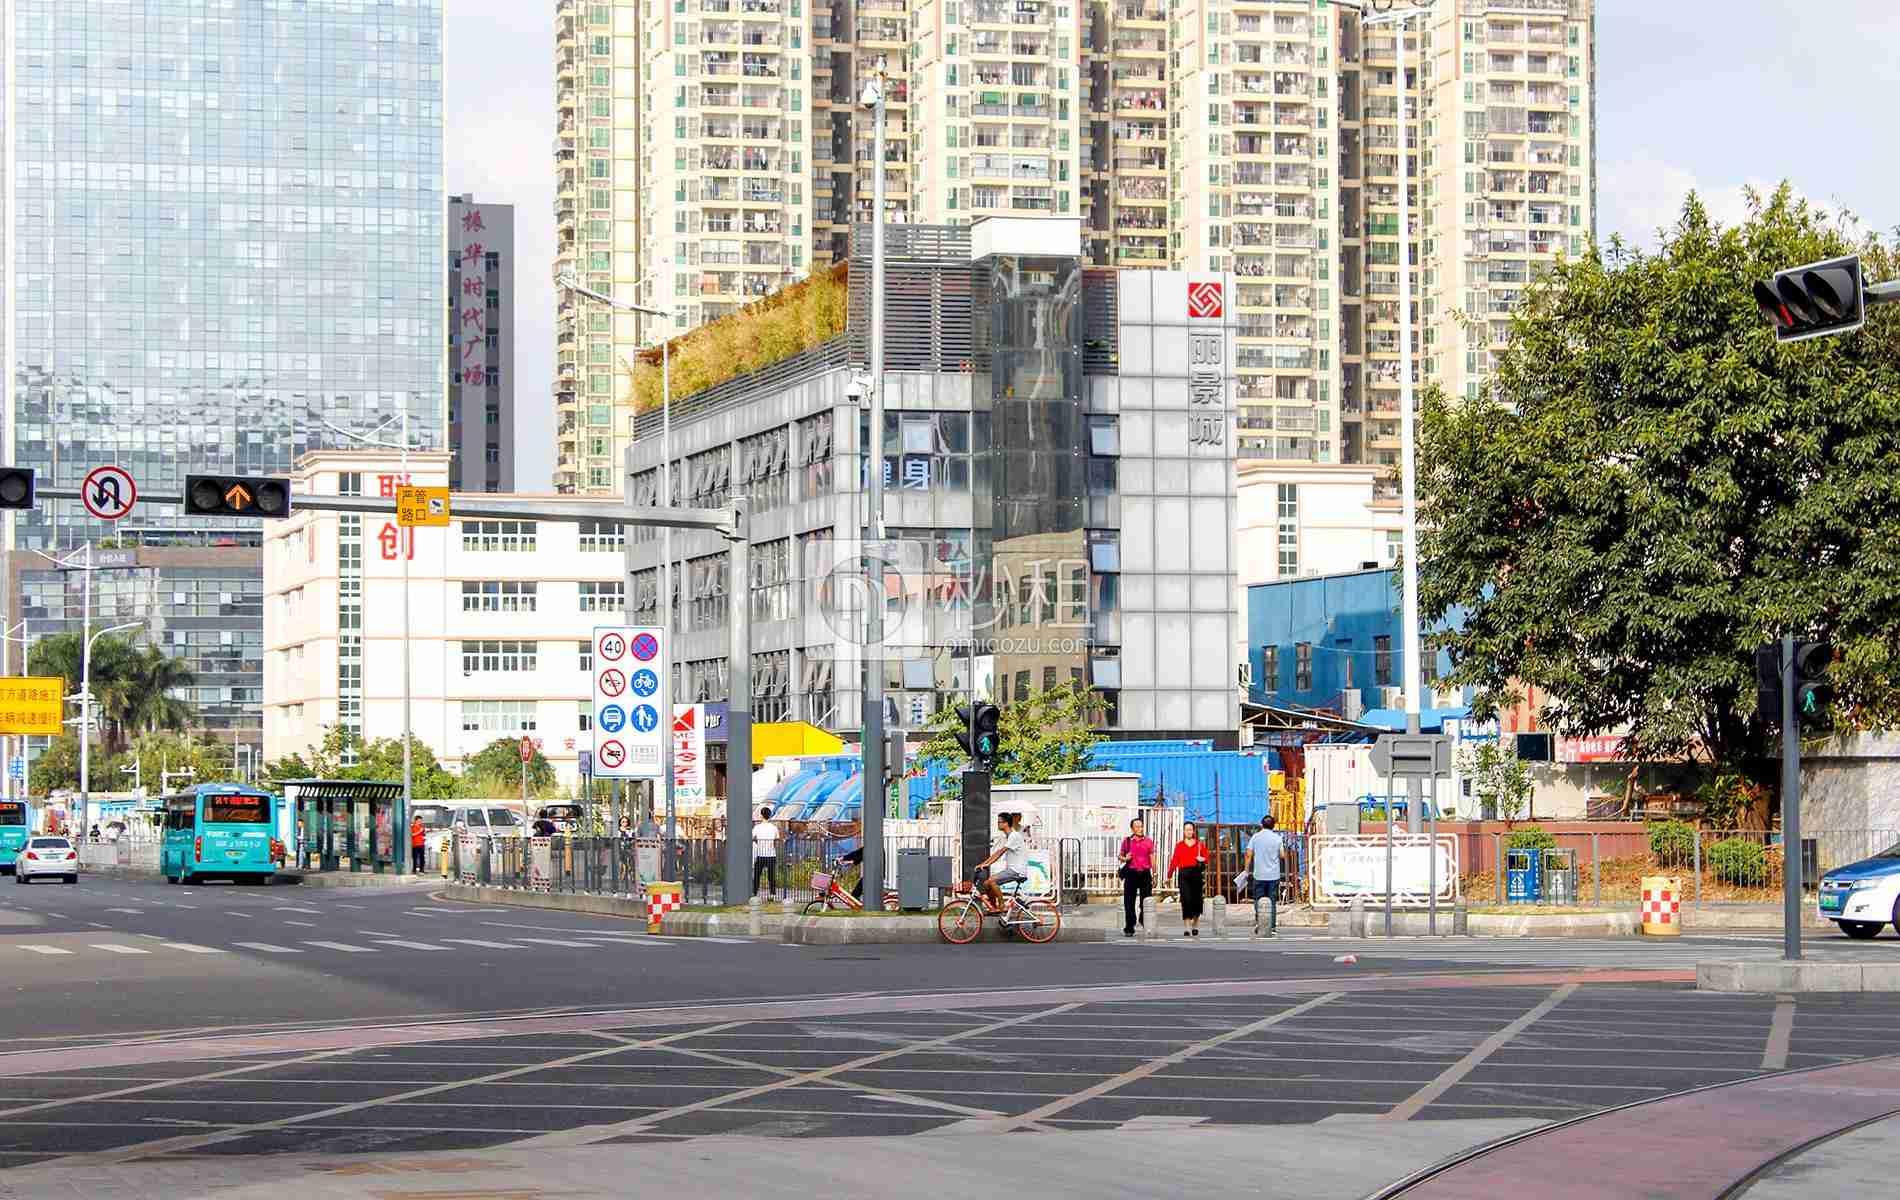 丽景城写字楼出租/招租/租赁,丽景城办公室出租/招租/租赁